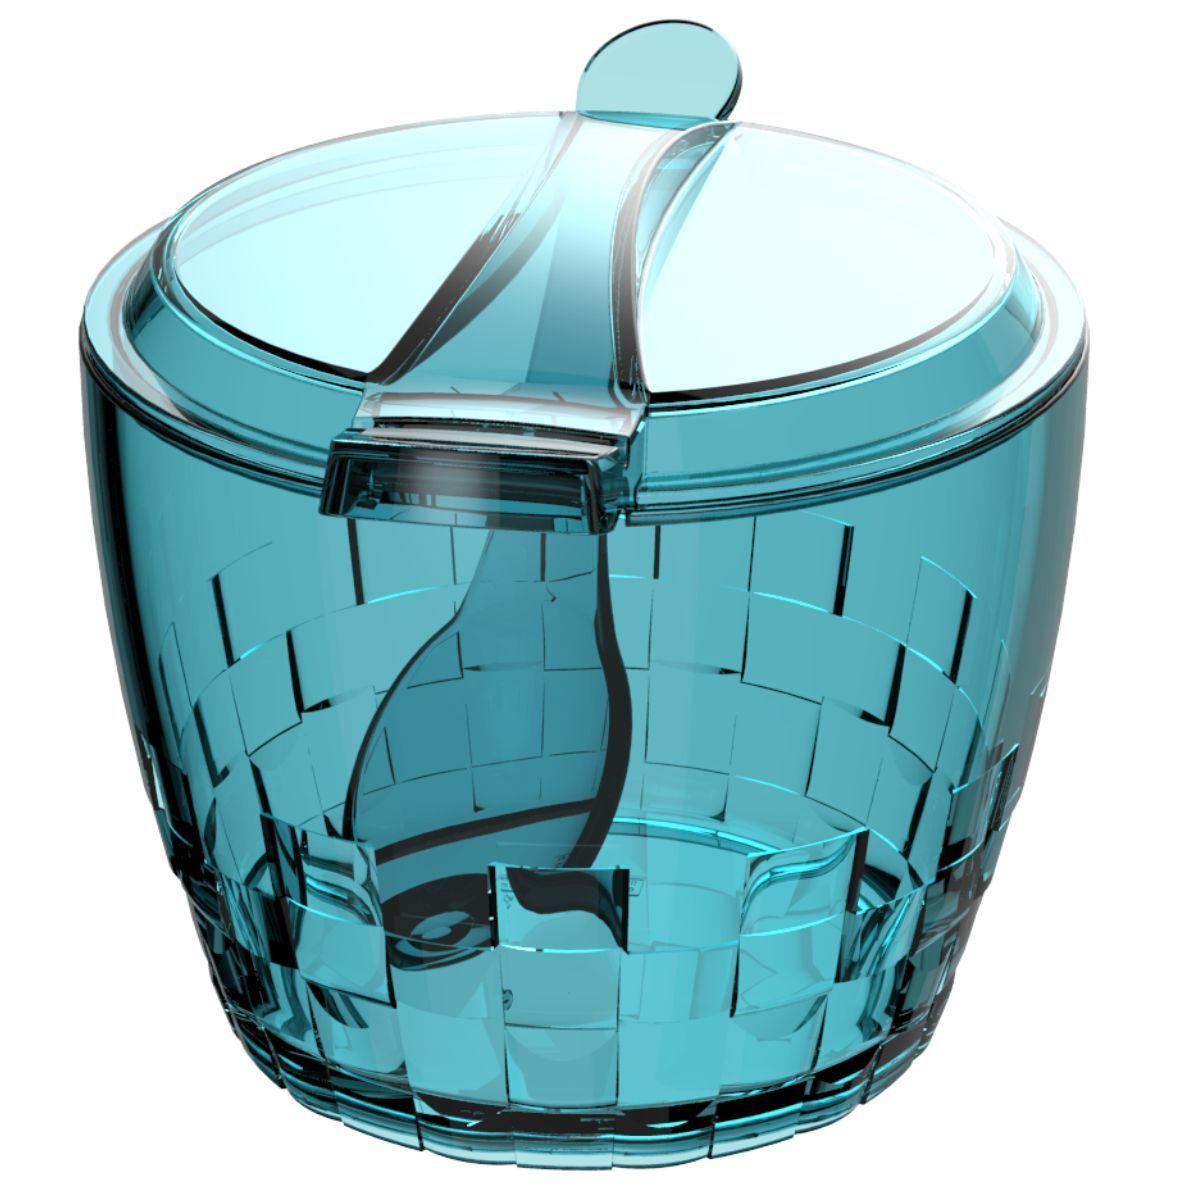 Açucareiro Plástico Com Colher Trama 500g - Colors